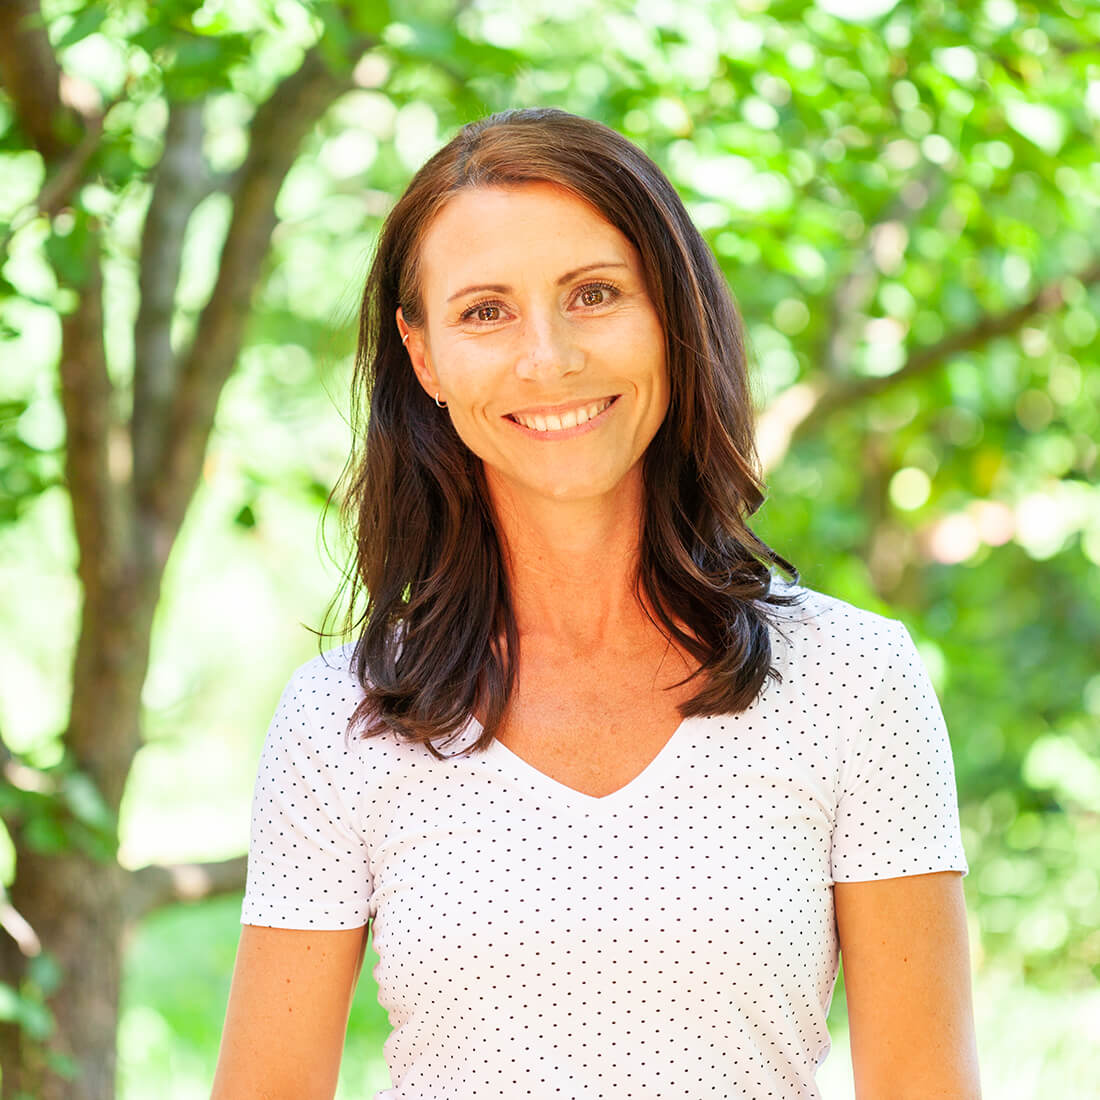 Hausarzt-Bernhardsthal Neugebauer Team Nicole Neumann